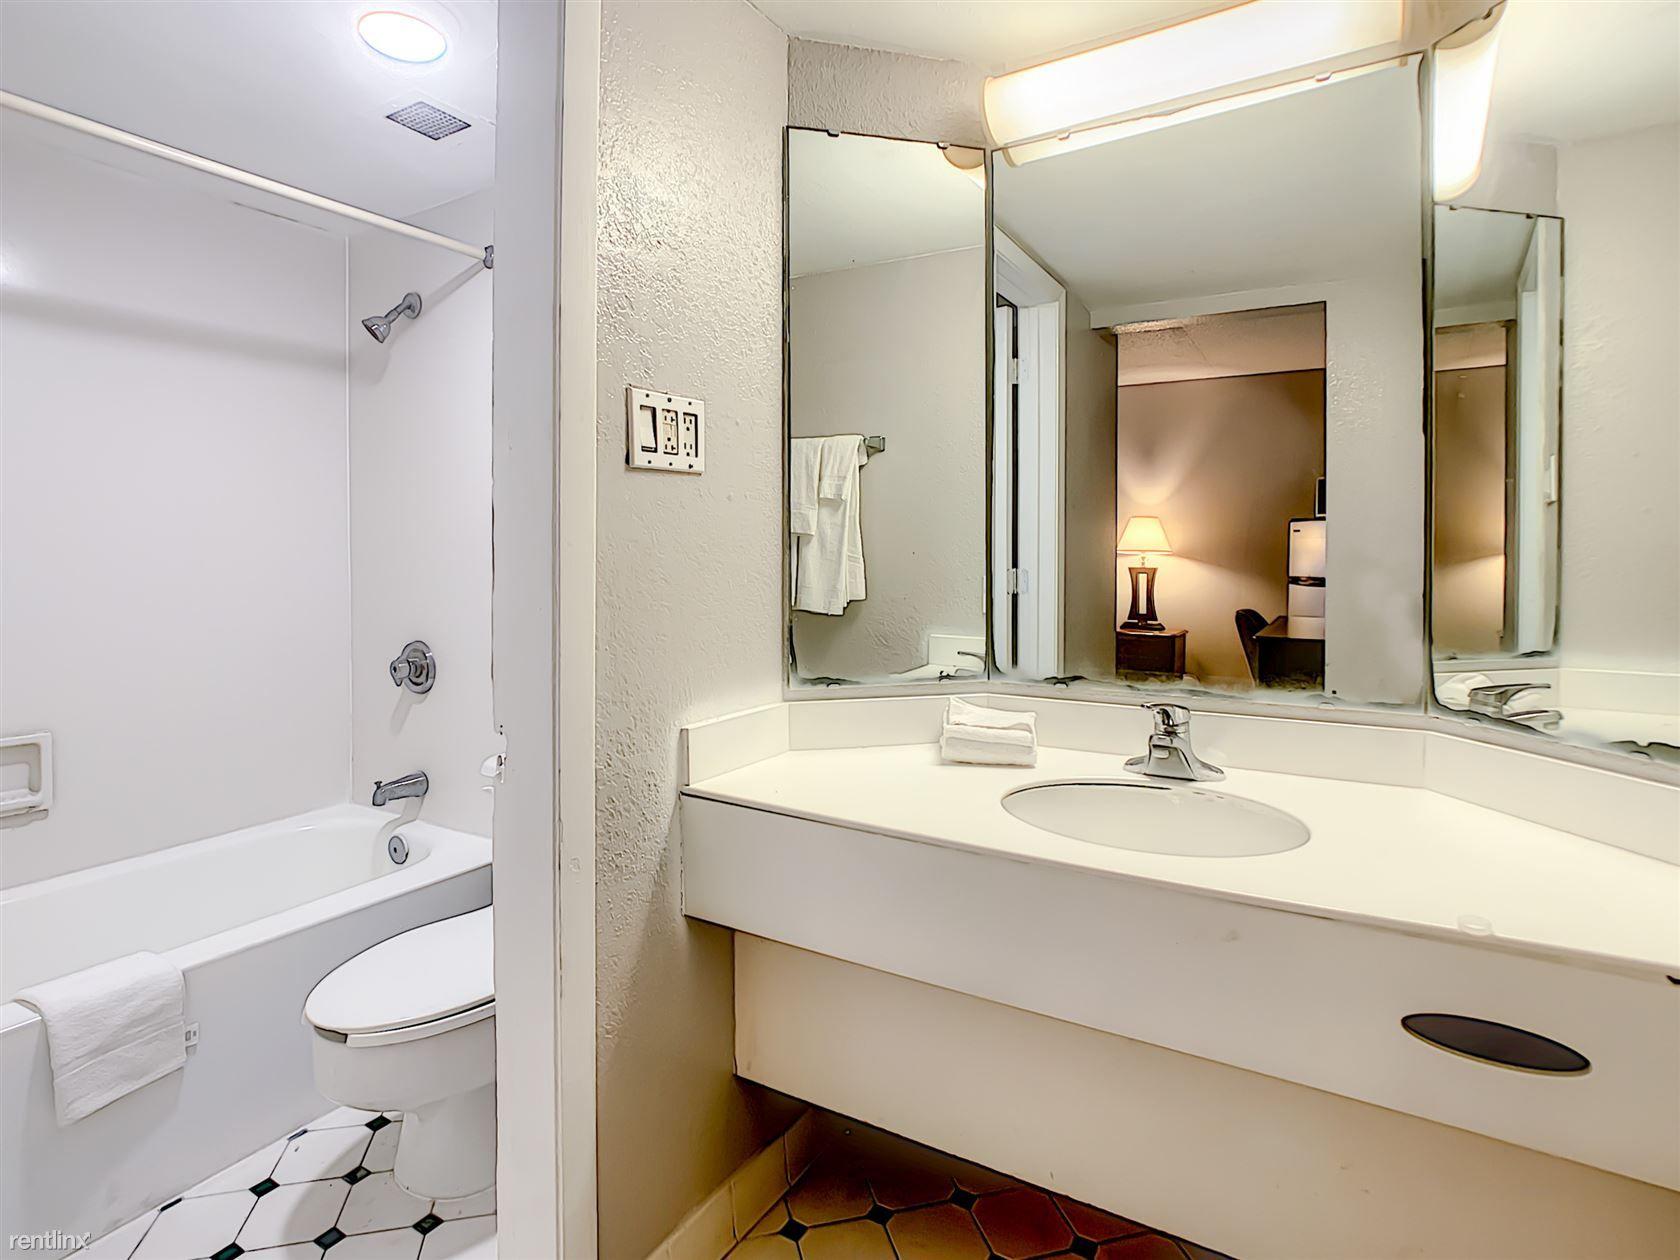 A-P-T Suites Jacksonville photo